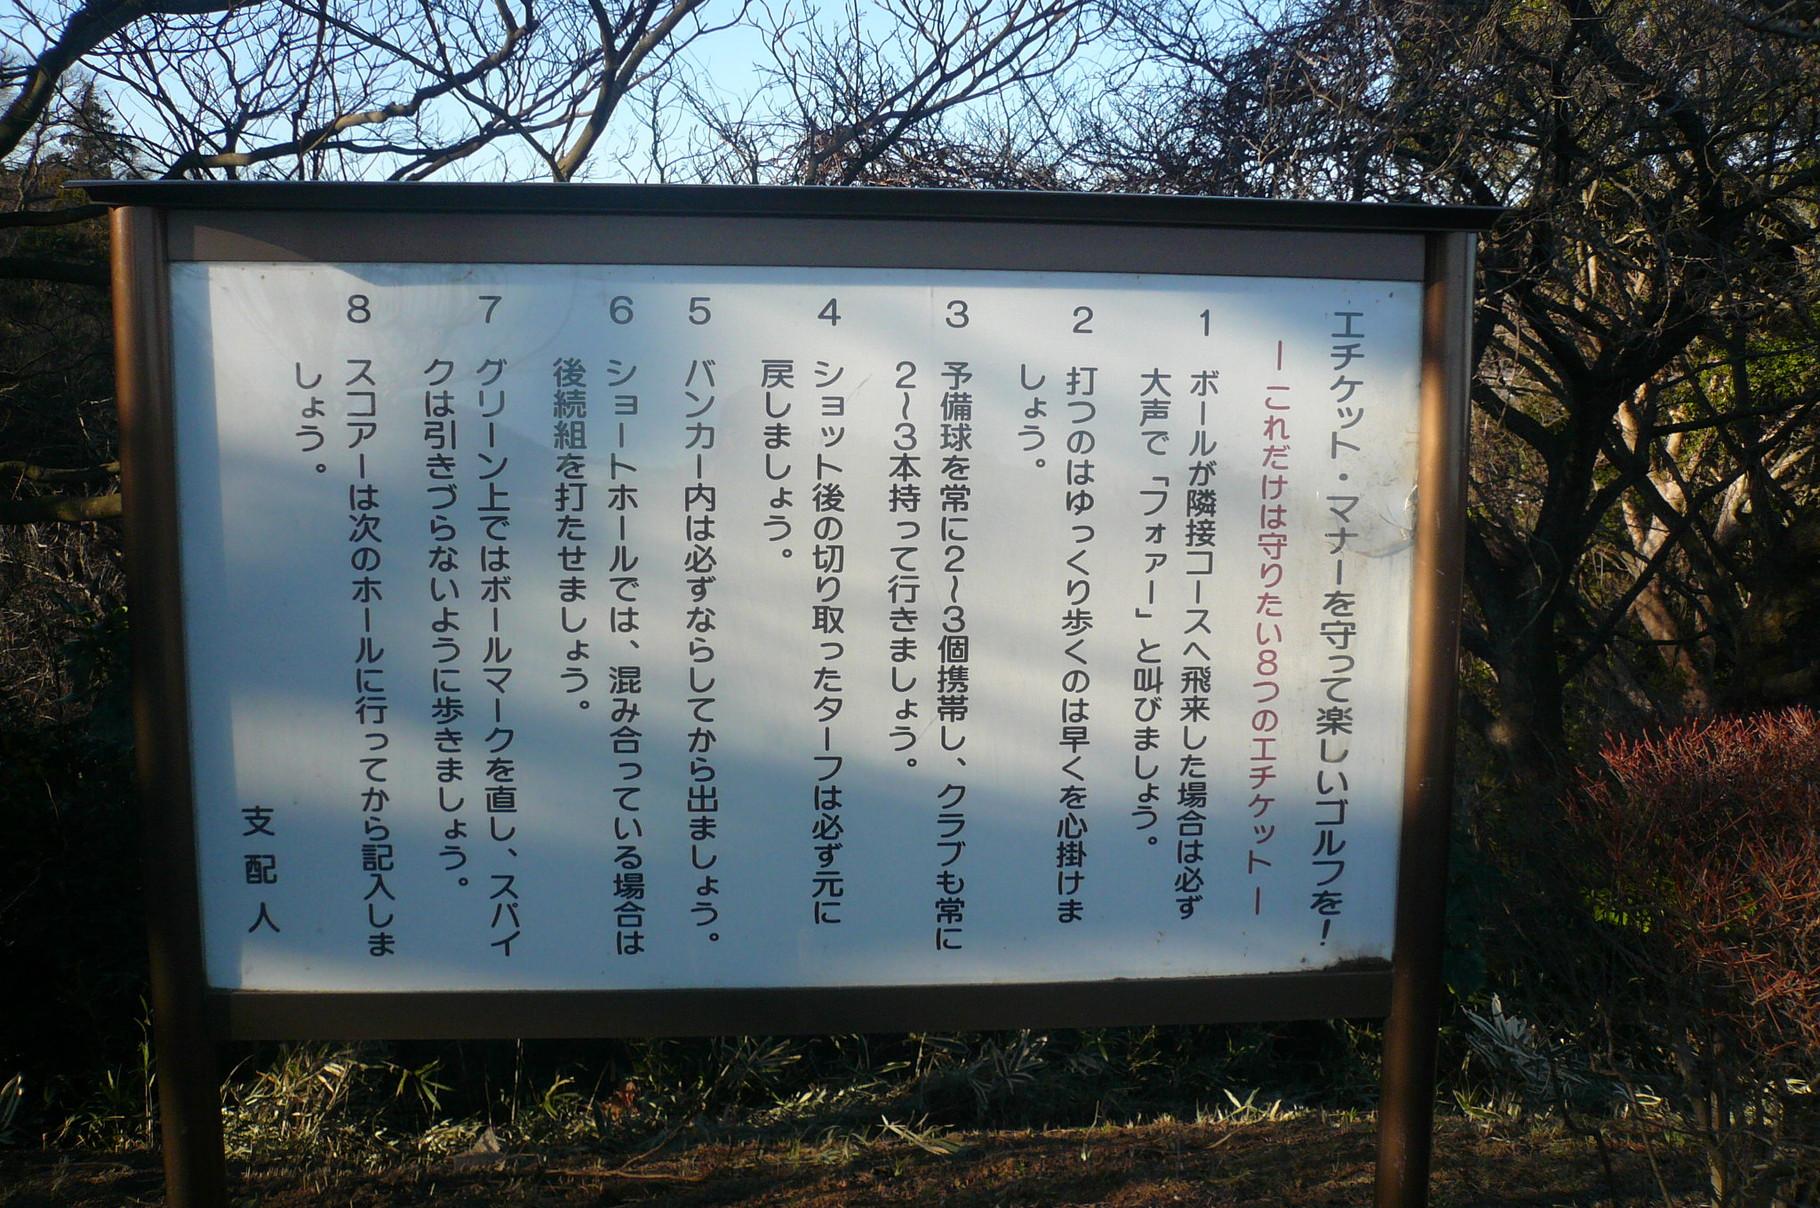 湘南立教会ゴルフメンバーはマナーは最高